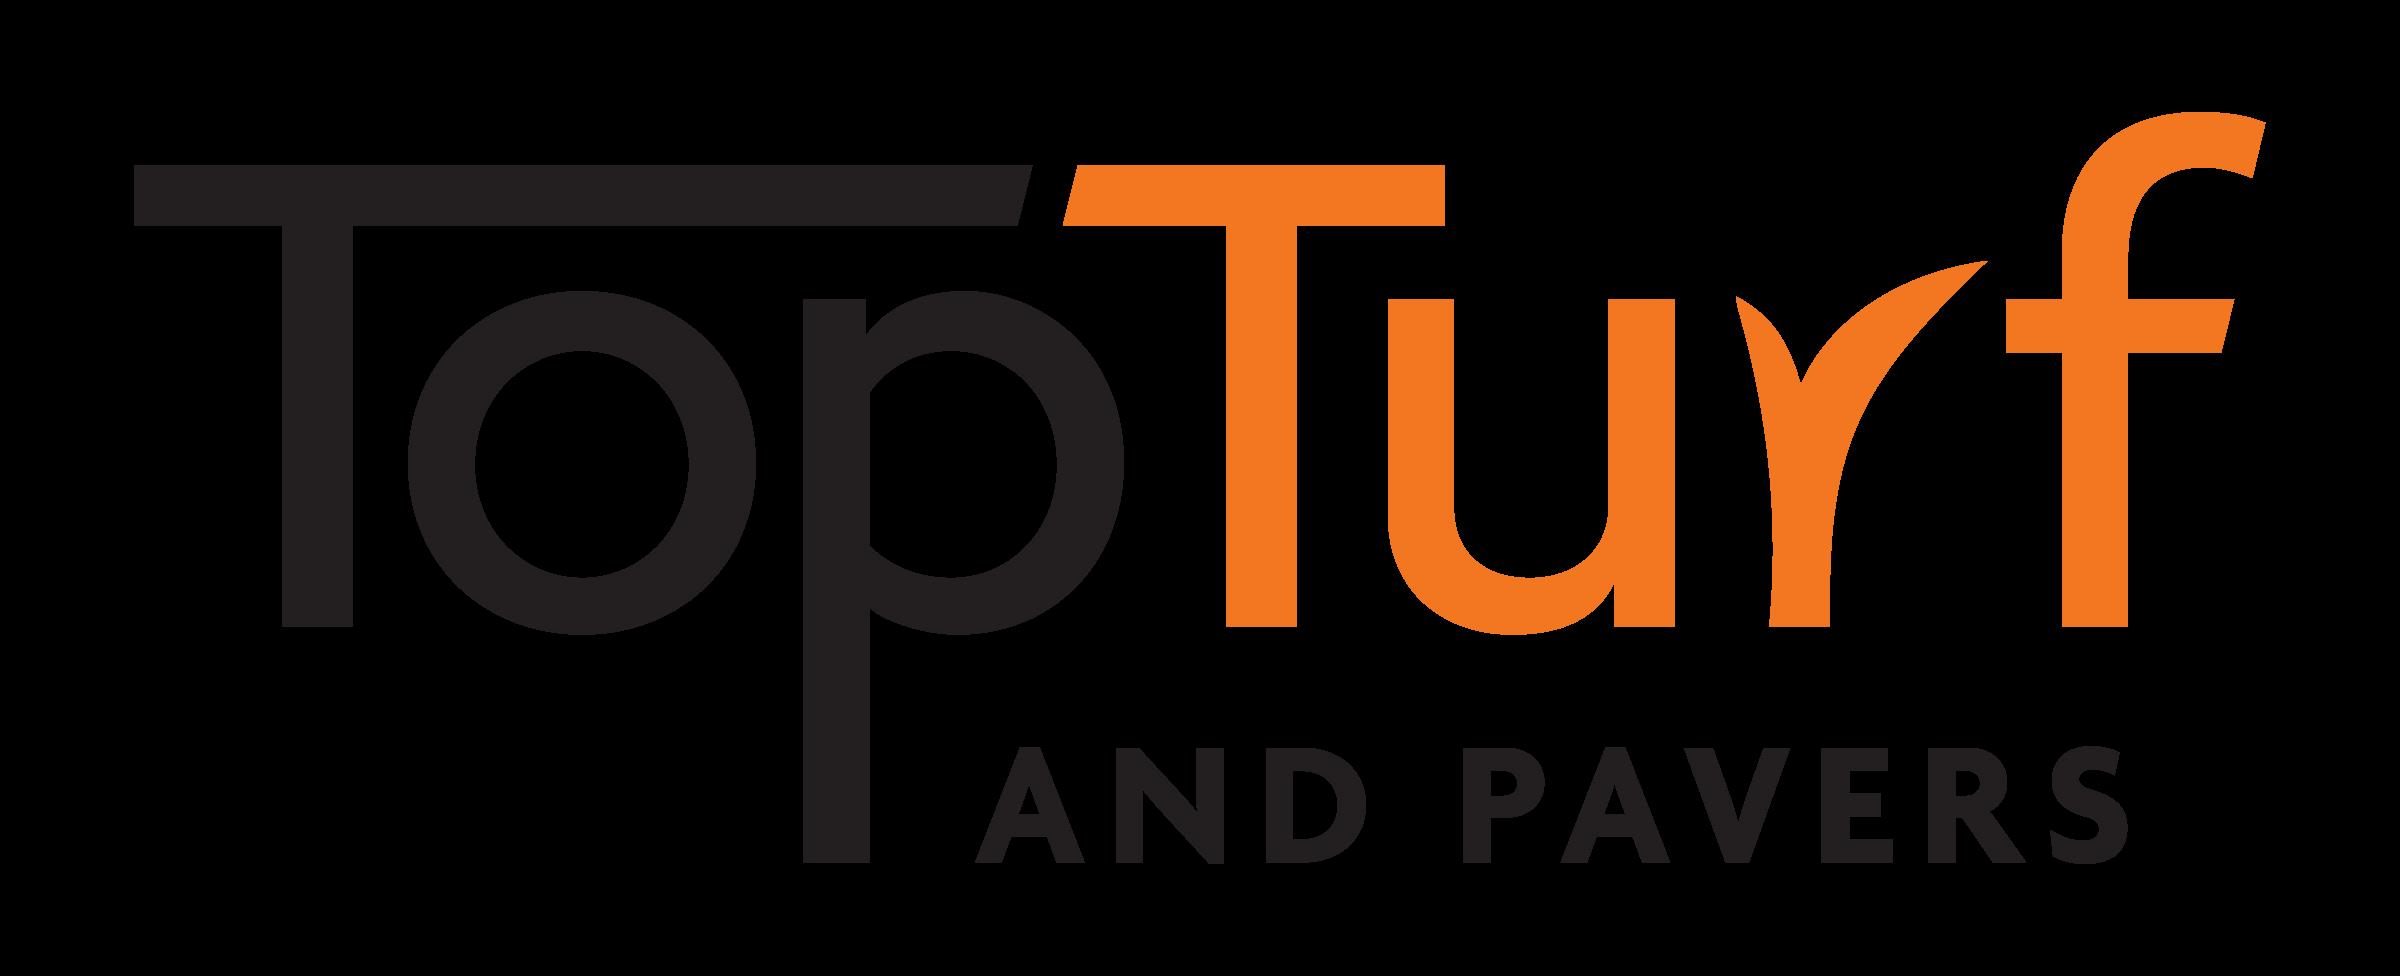 TopTurf and Pavers